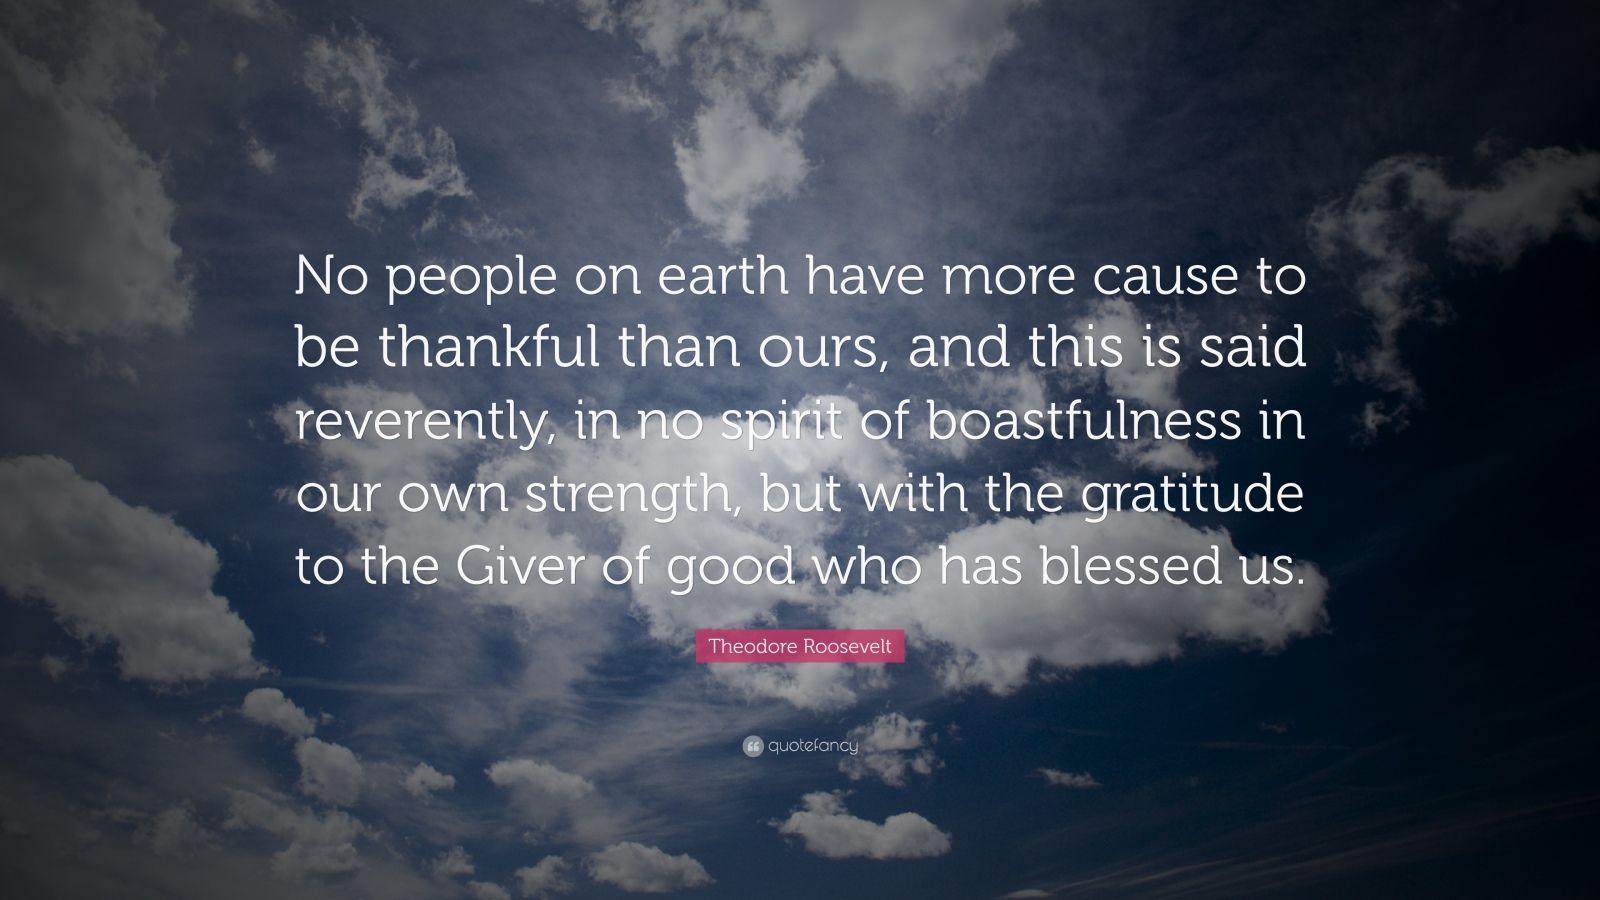 Theodore Roosevelt Quote Theodore Roosevelt Quotes 100 Wallpapers  Quotefancy